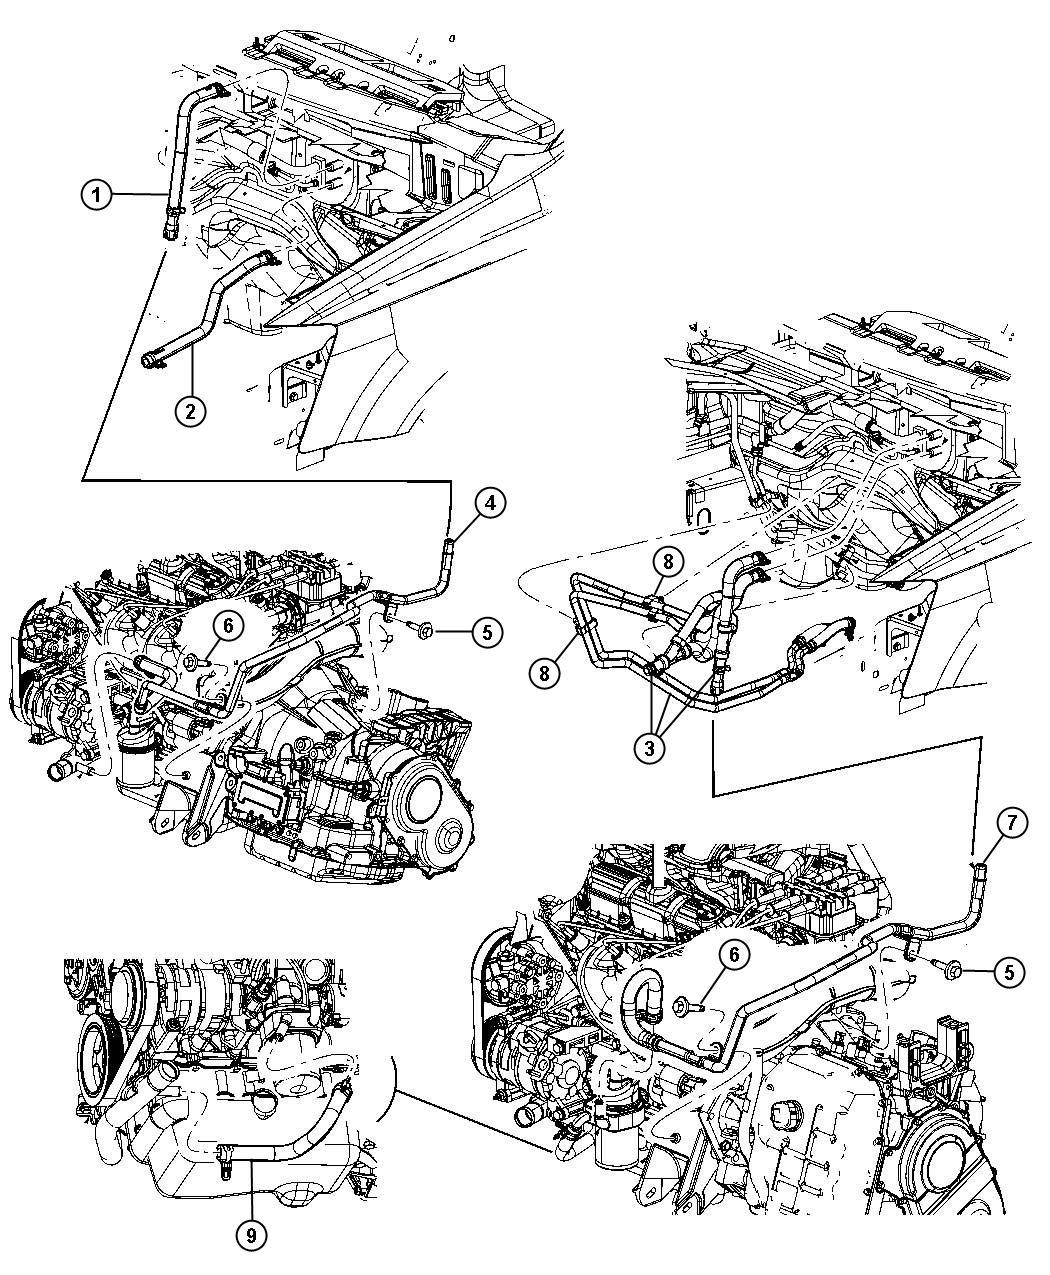 i2188979  L Engine Diagram Free Download on 3.8 engine diagram, buick 3800 engine diagram, chevy v6 engine diagram, hybrid engine diagram, 3800 v6 engine diagram, turbo engine diagram, fwd engine diagram, 5.4l engine diagram, 5.7l hemi engine diagram, fuel injected engine diagram, v-6 engine diagram, 3.6l v6 engine diagram, 3l engine diagram, 4.6l v8 engine diagram, car engine diagram, 3.1l engine diagram, ford v6 engine diagram, gm 3.5 v6 engine diagram, 3.9l engine diagram, chevy 3800 engine diagram,